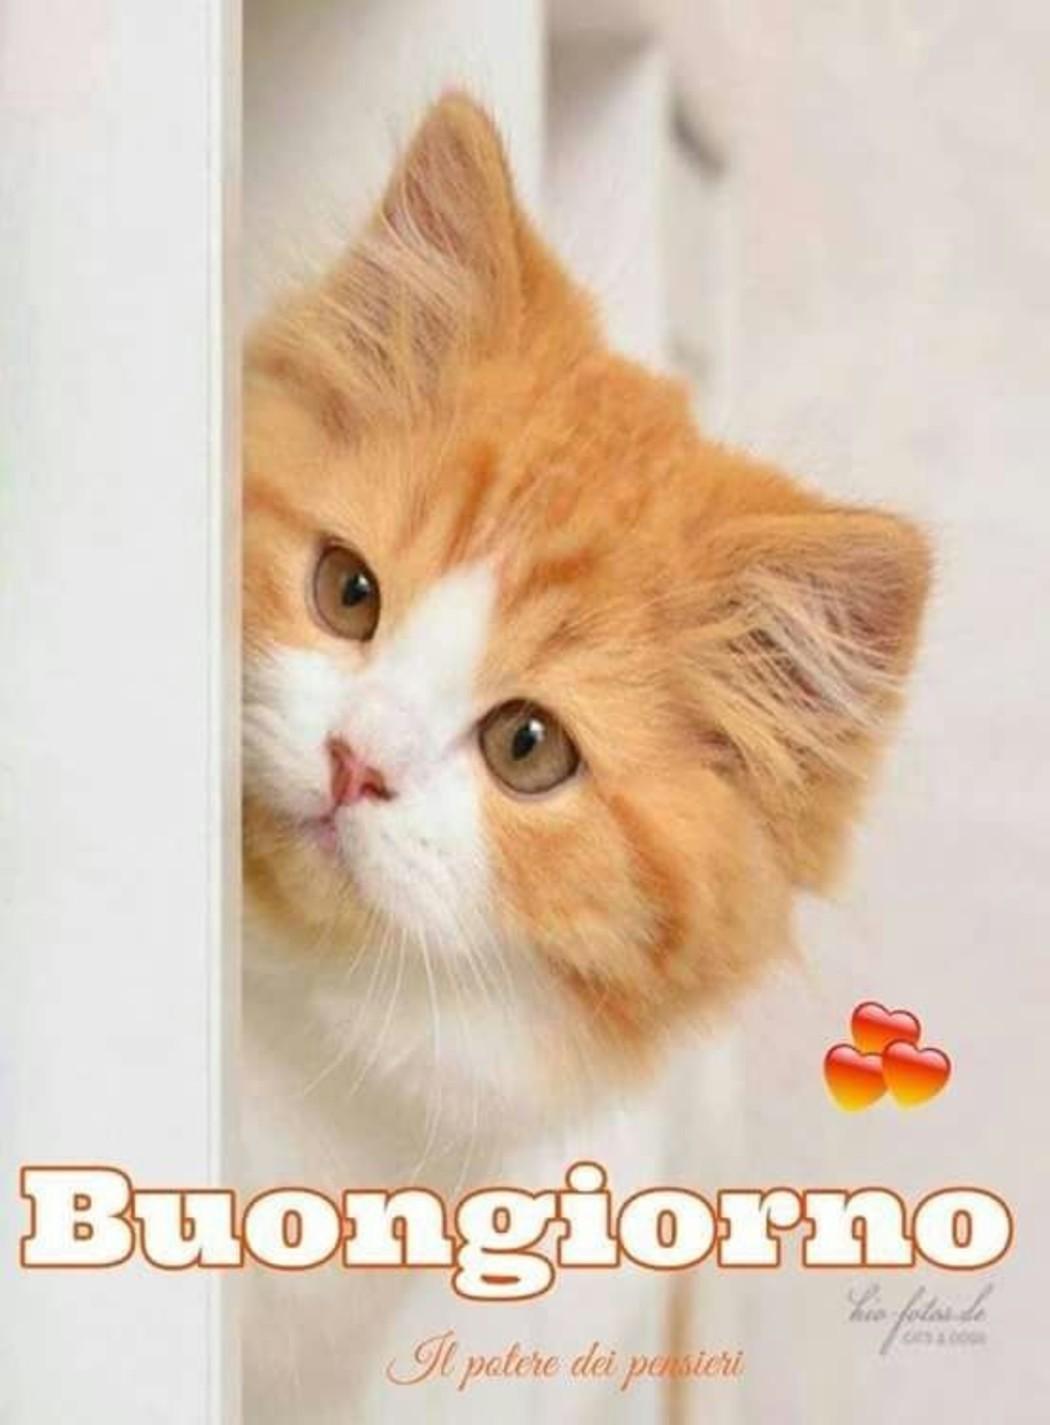 Immagini buongiorno con dolci gattini da condividere for Buongiorno con gattini